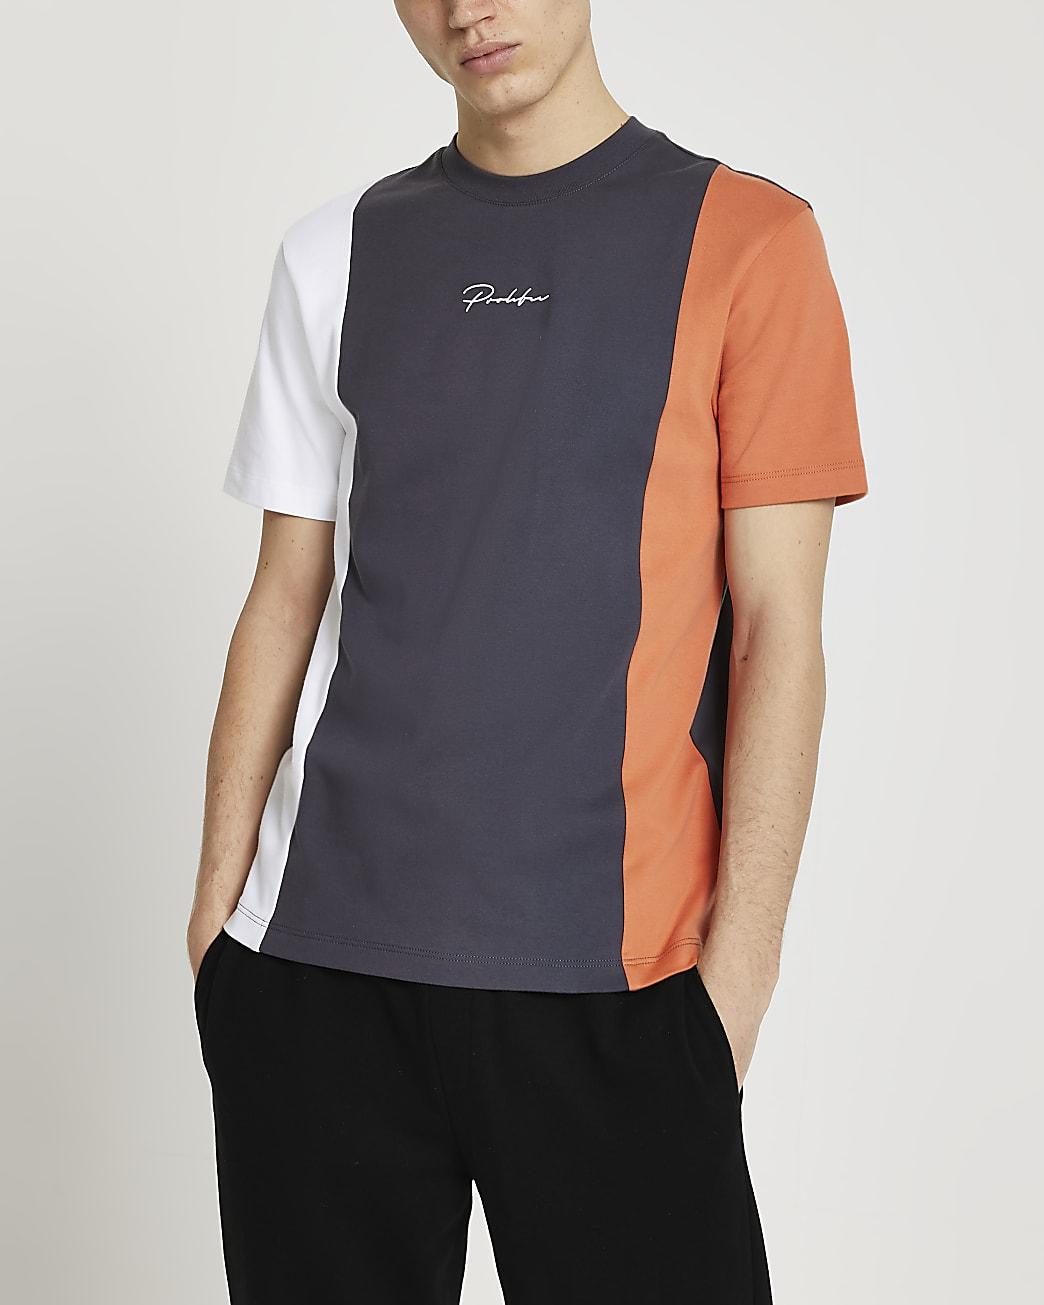 Prolific orange colour block t-shirt